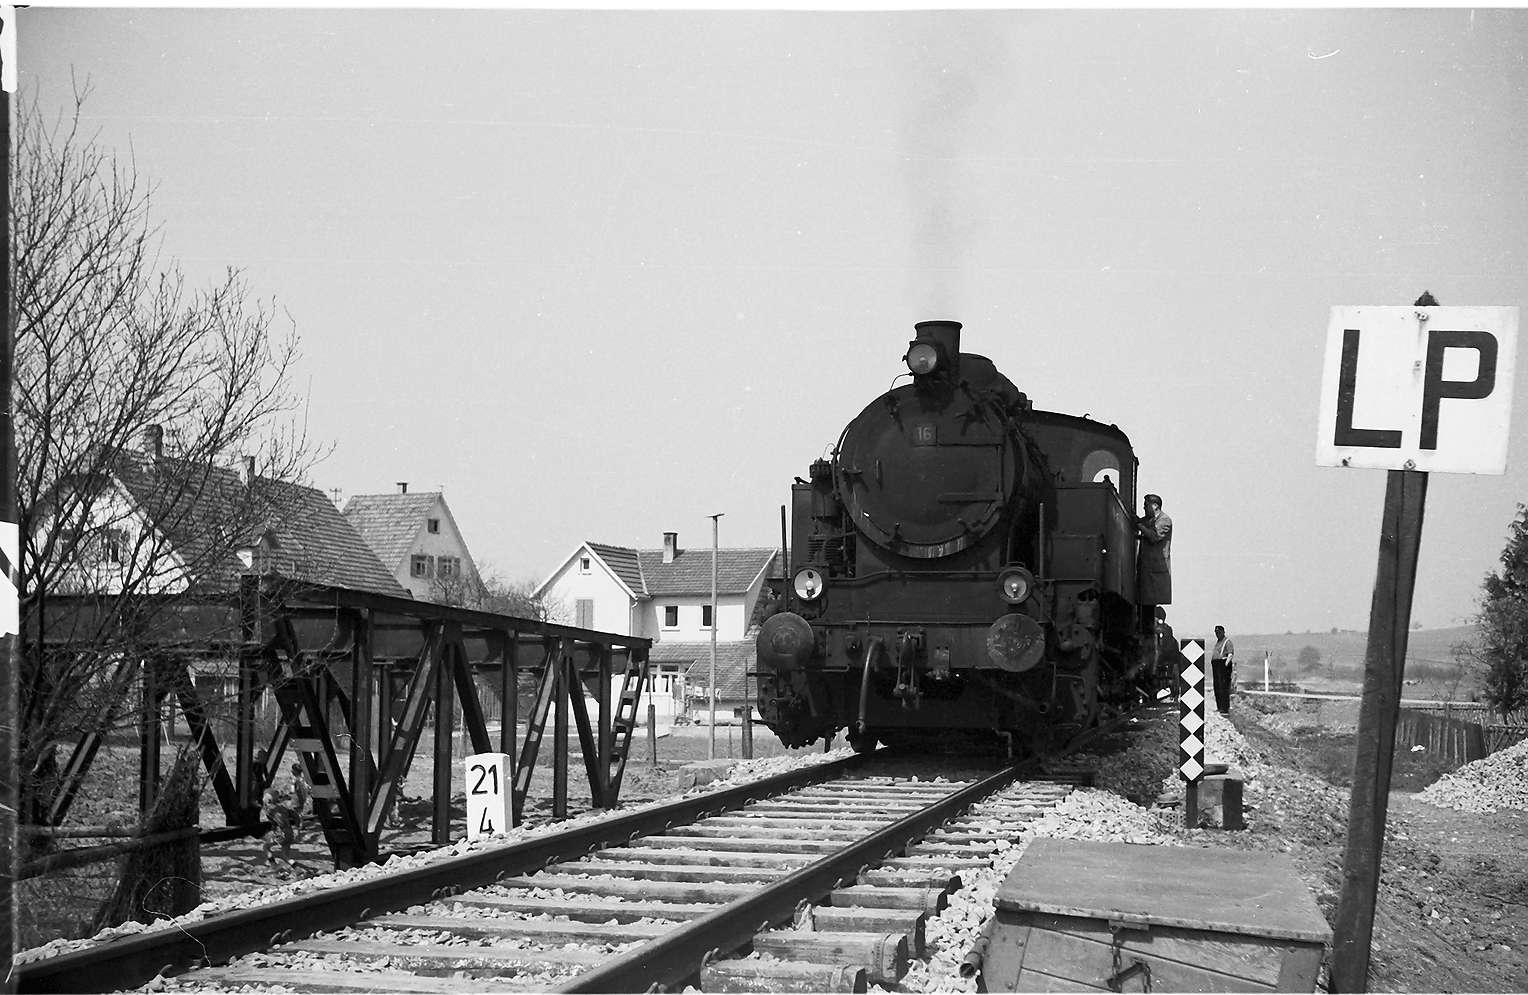 Lok 16, Az 405 Baustelle Rangendingen; links die durch die Starzel-Regulierung entbehrlich gewordene Eisenfachwerkbrücke von 1912, rechts Schild LP (Läuten und Pfeifen), Bild 1